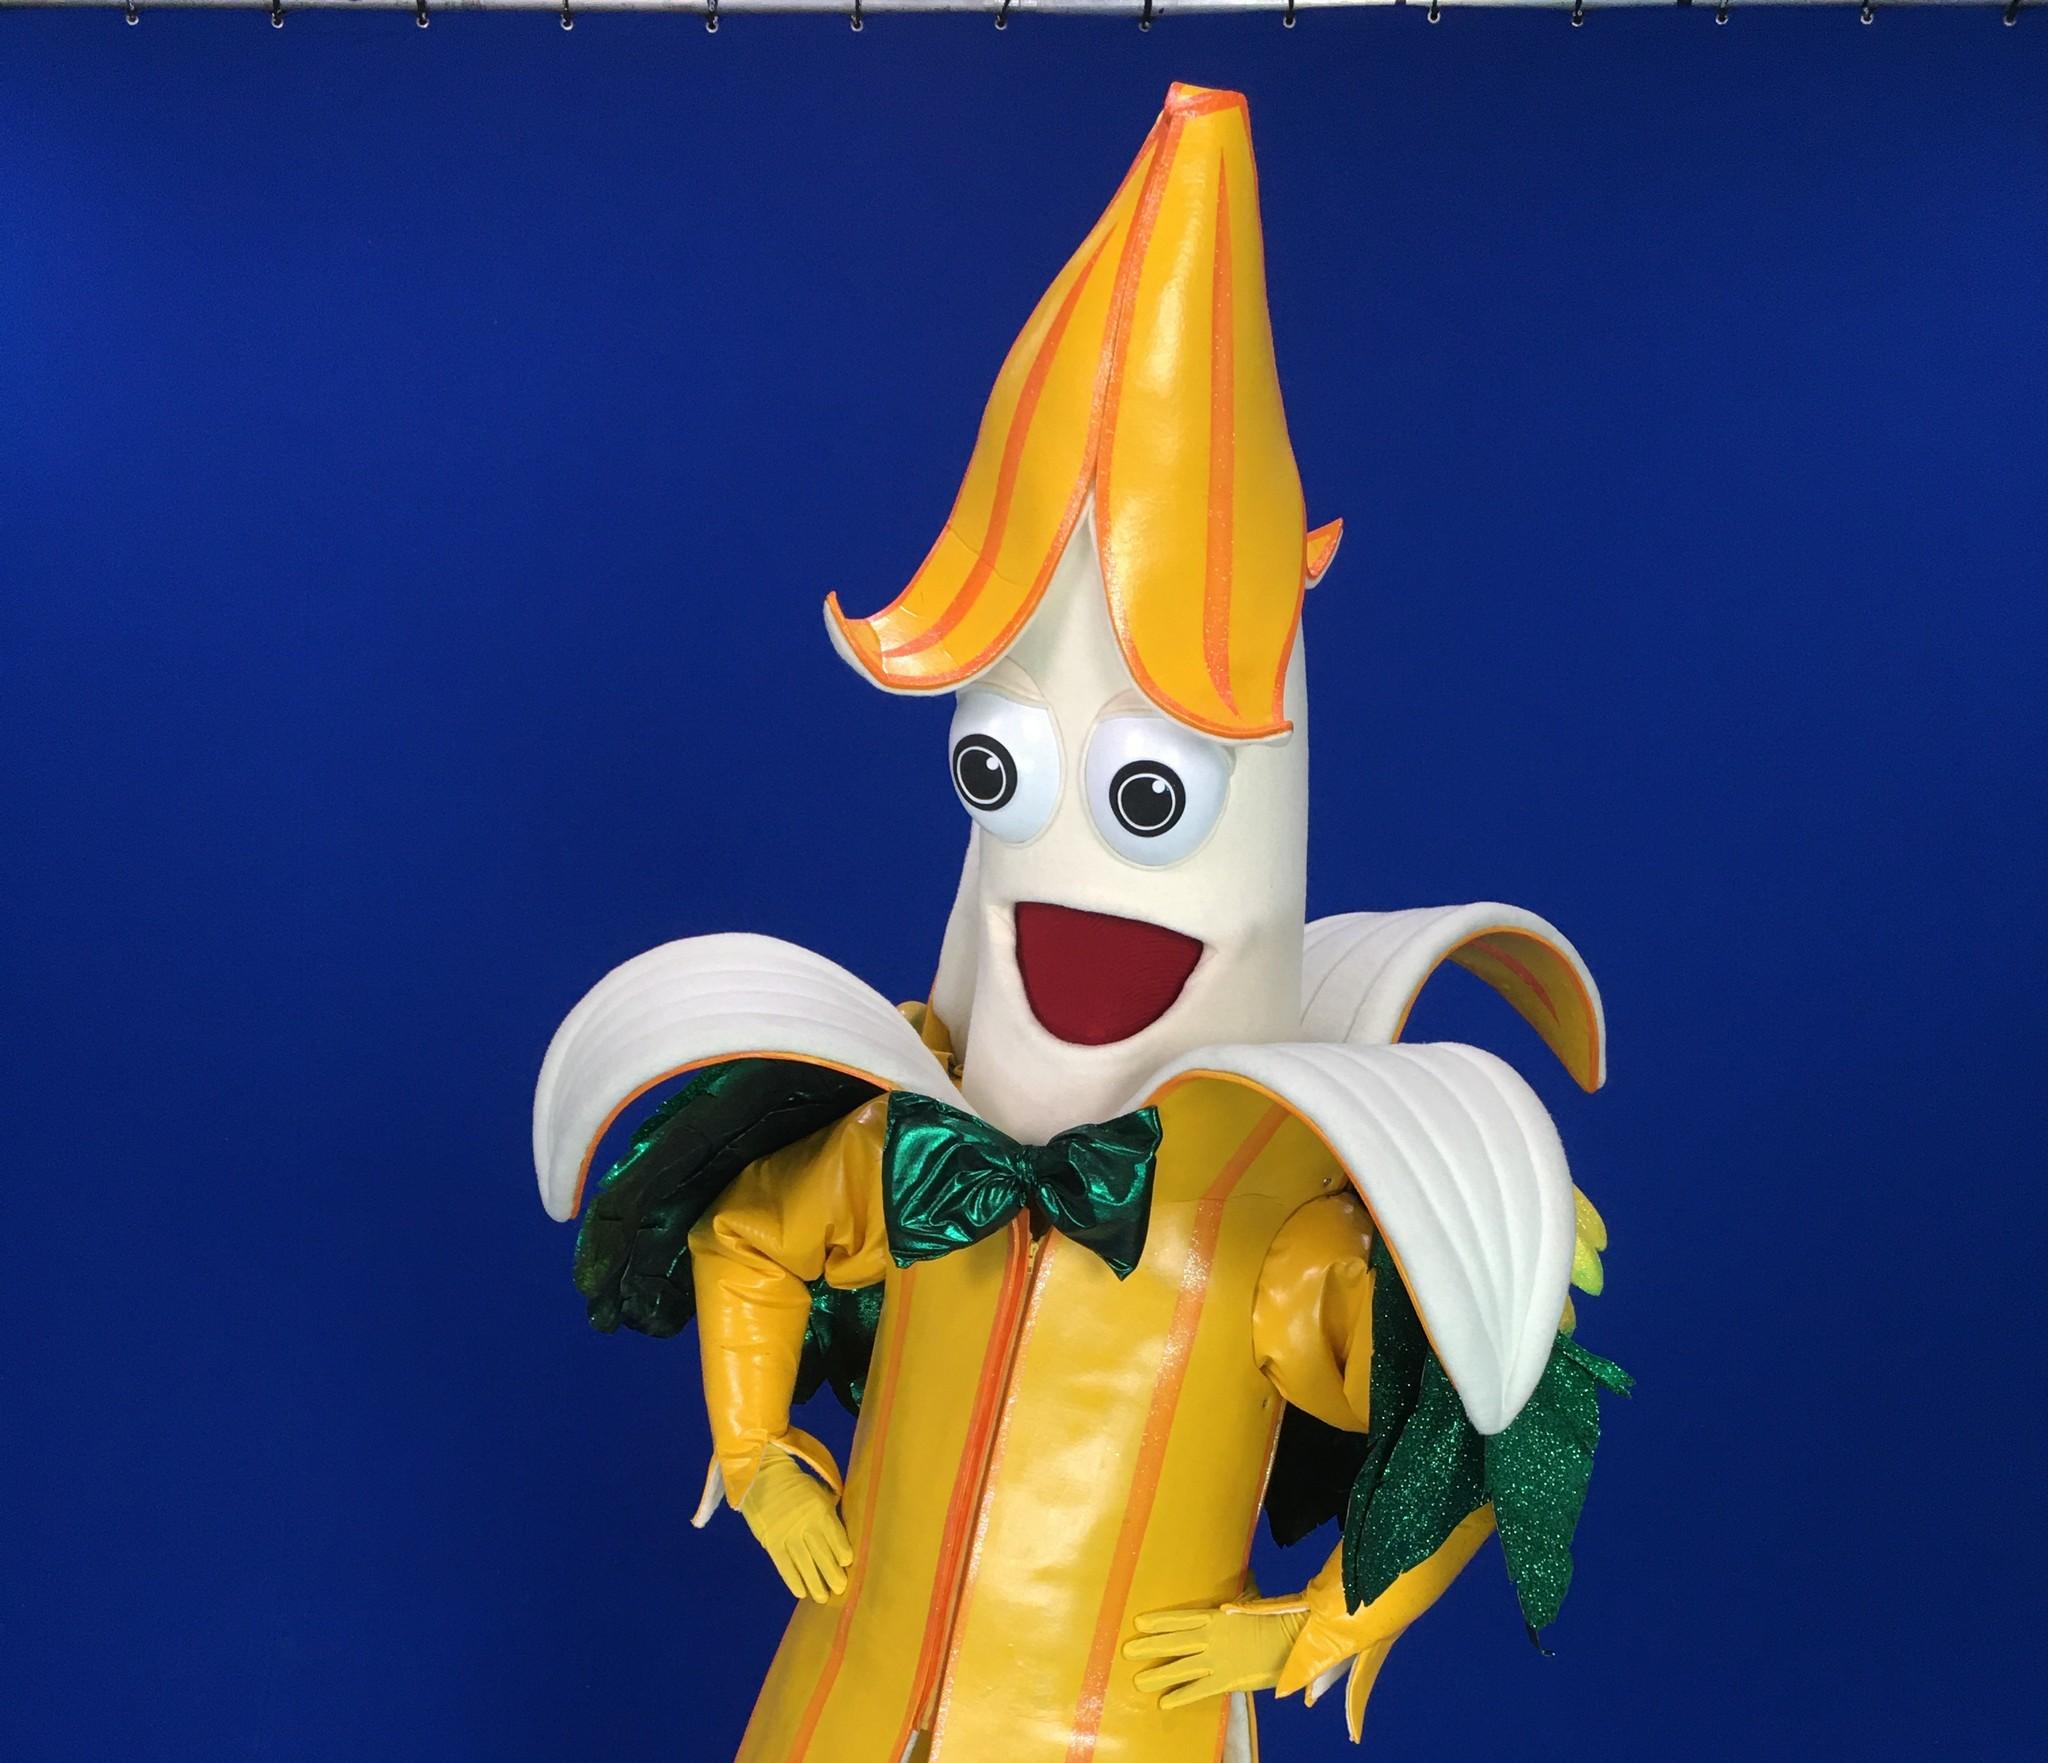 La máscara del plátano de Masksinger